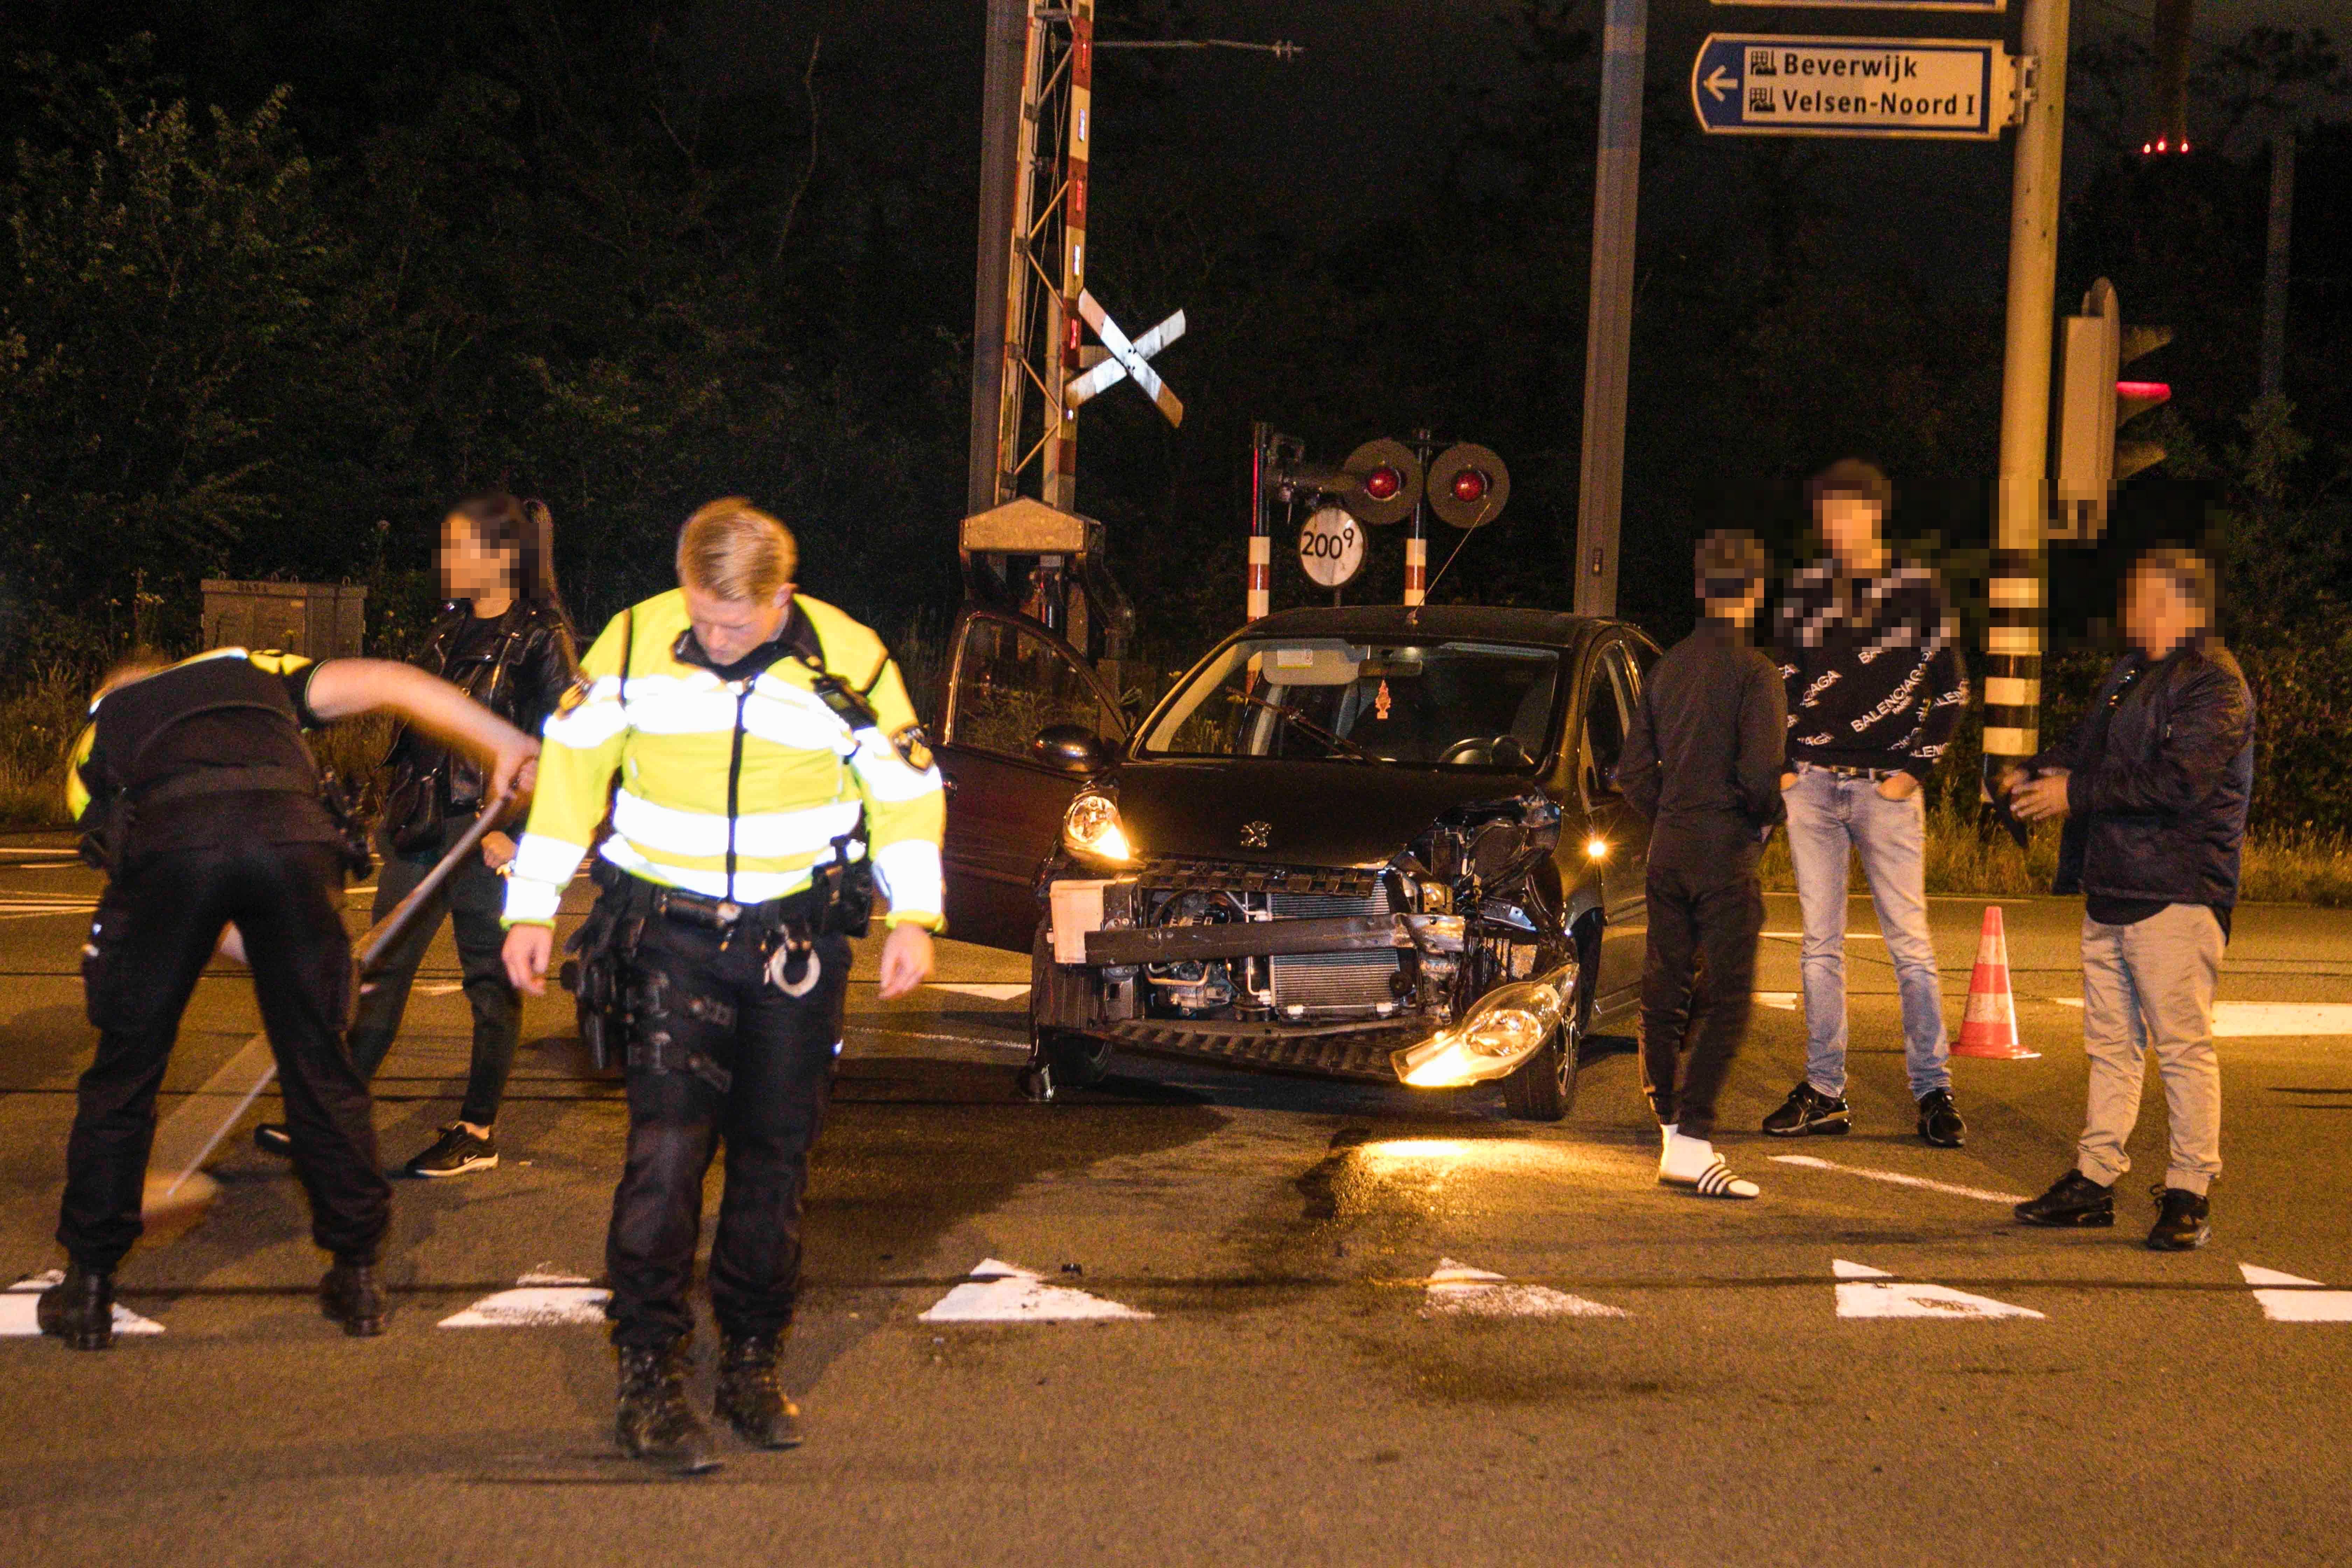 Veel schade bij botsing in Velsen-Noord